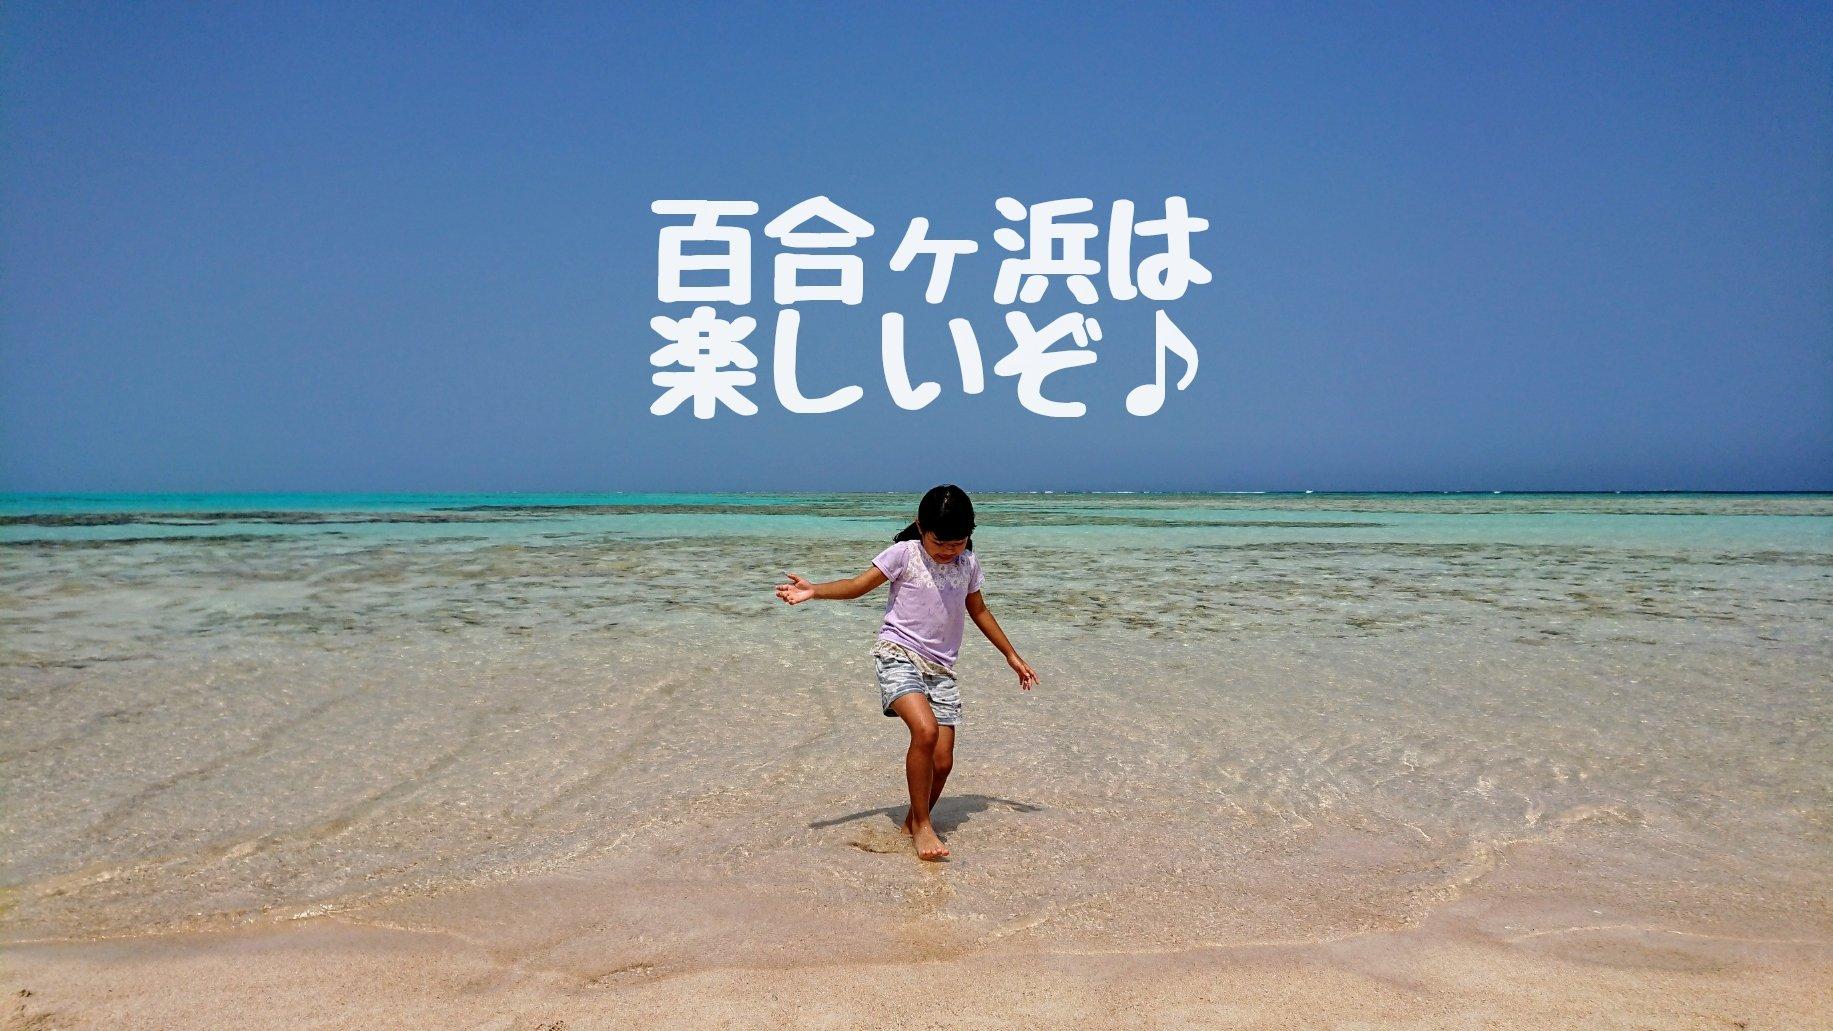 与論島・百合ヶ浜